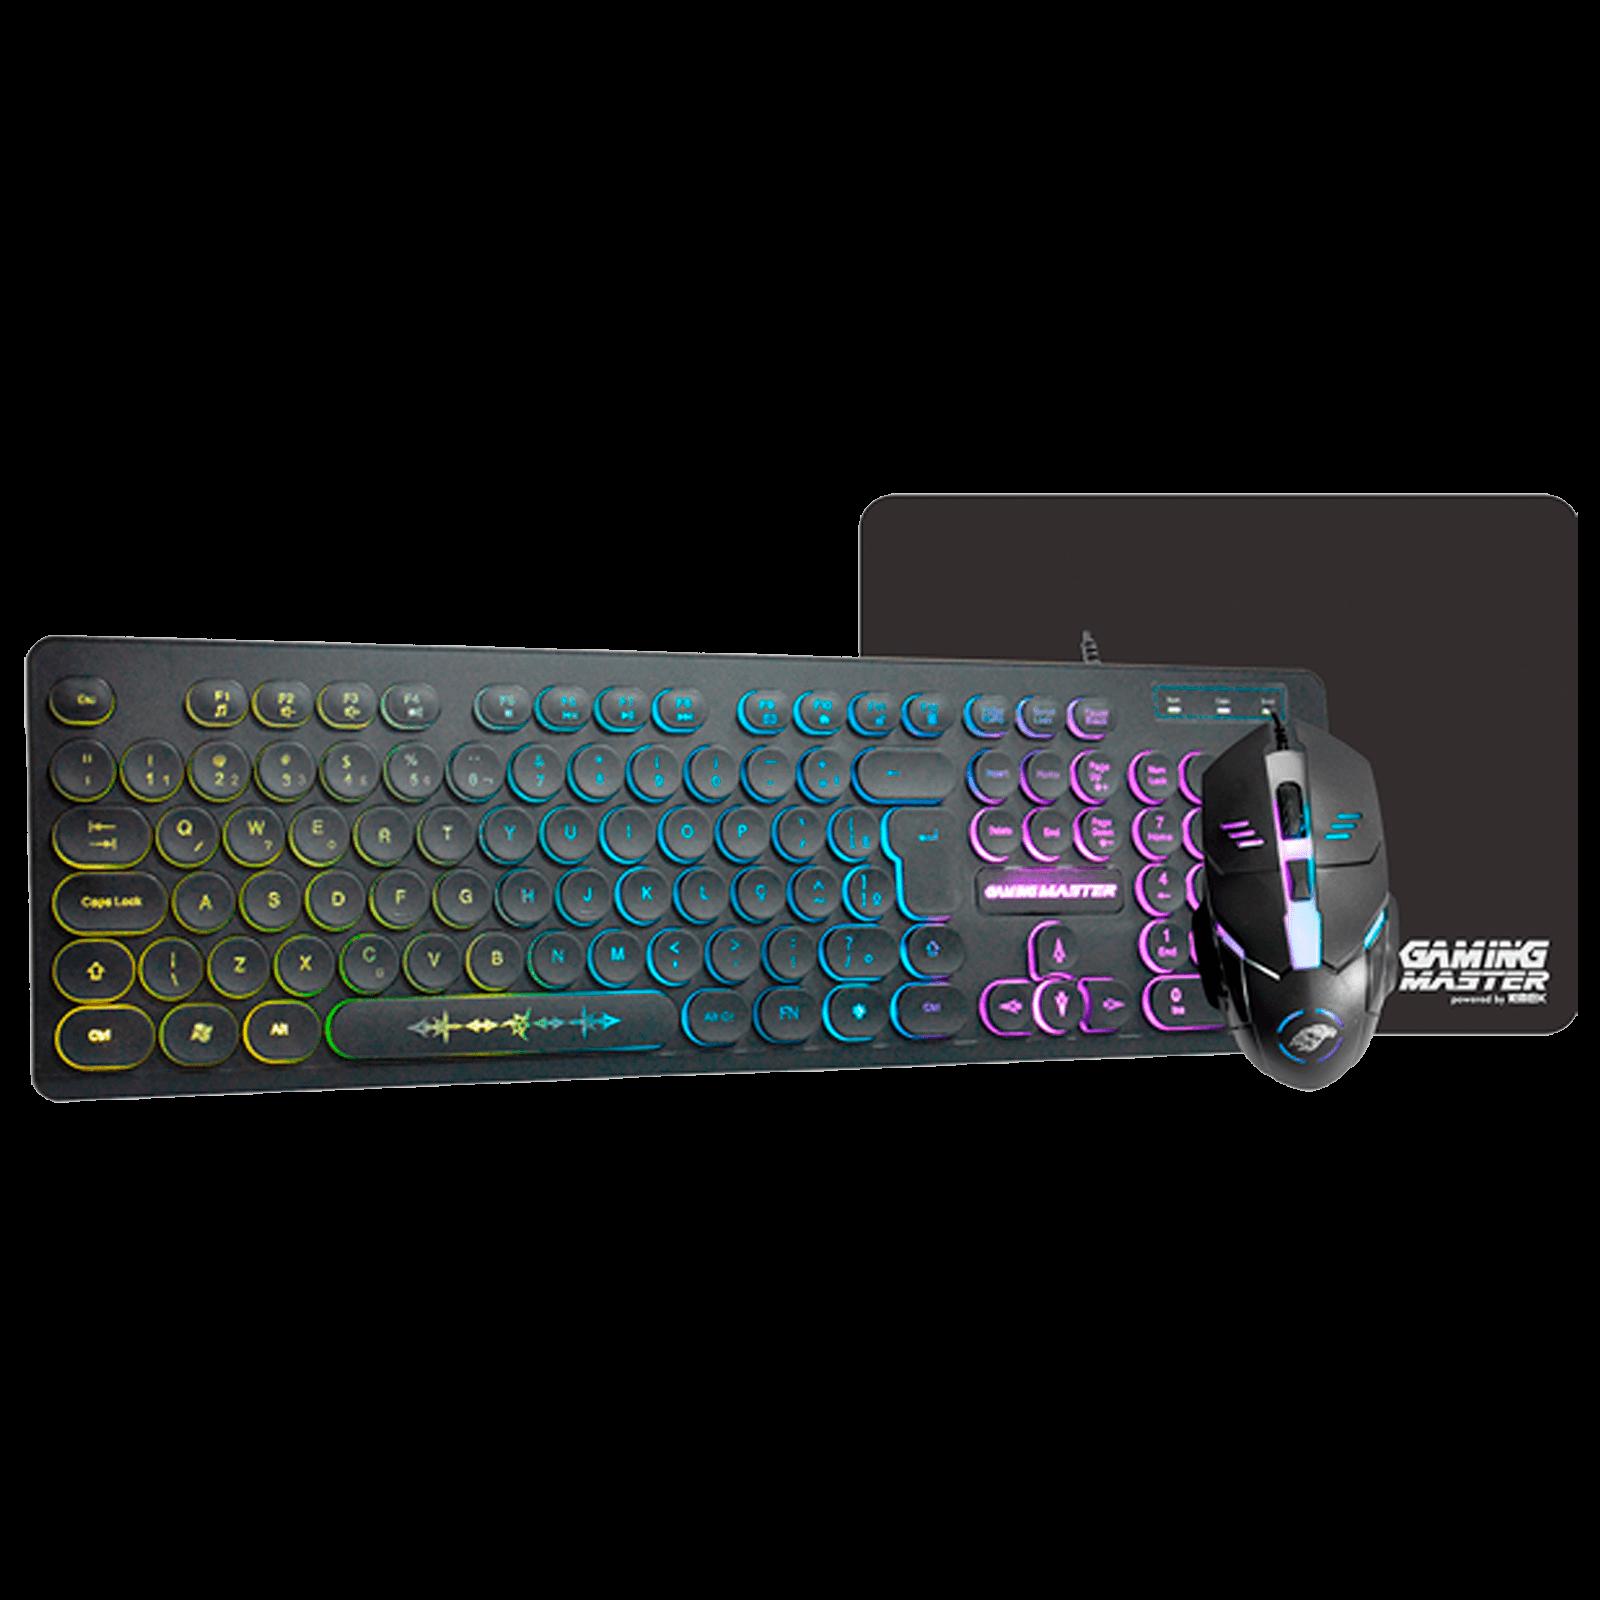 Kit Teclado, Mouse e Mousepar Gamer K-Mex KM7628+MOD734+FX-X2418 PRETO - B3KM7628U01CB1X